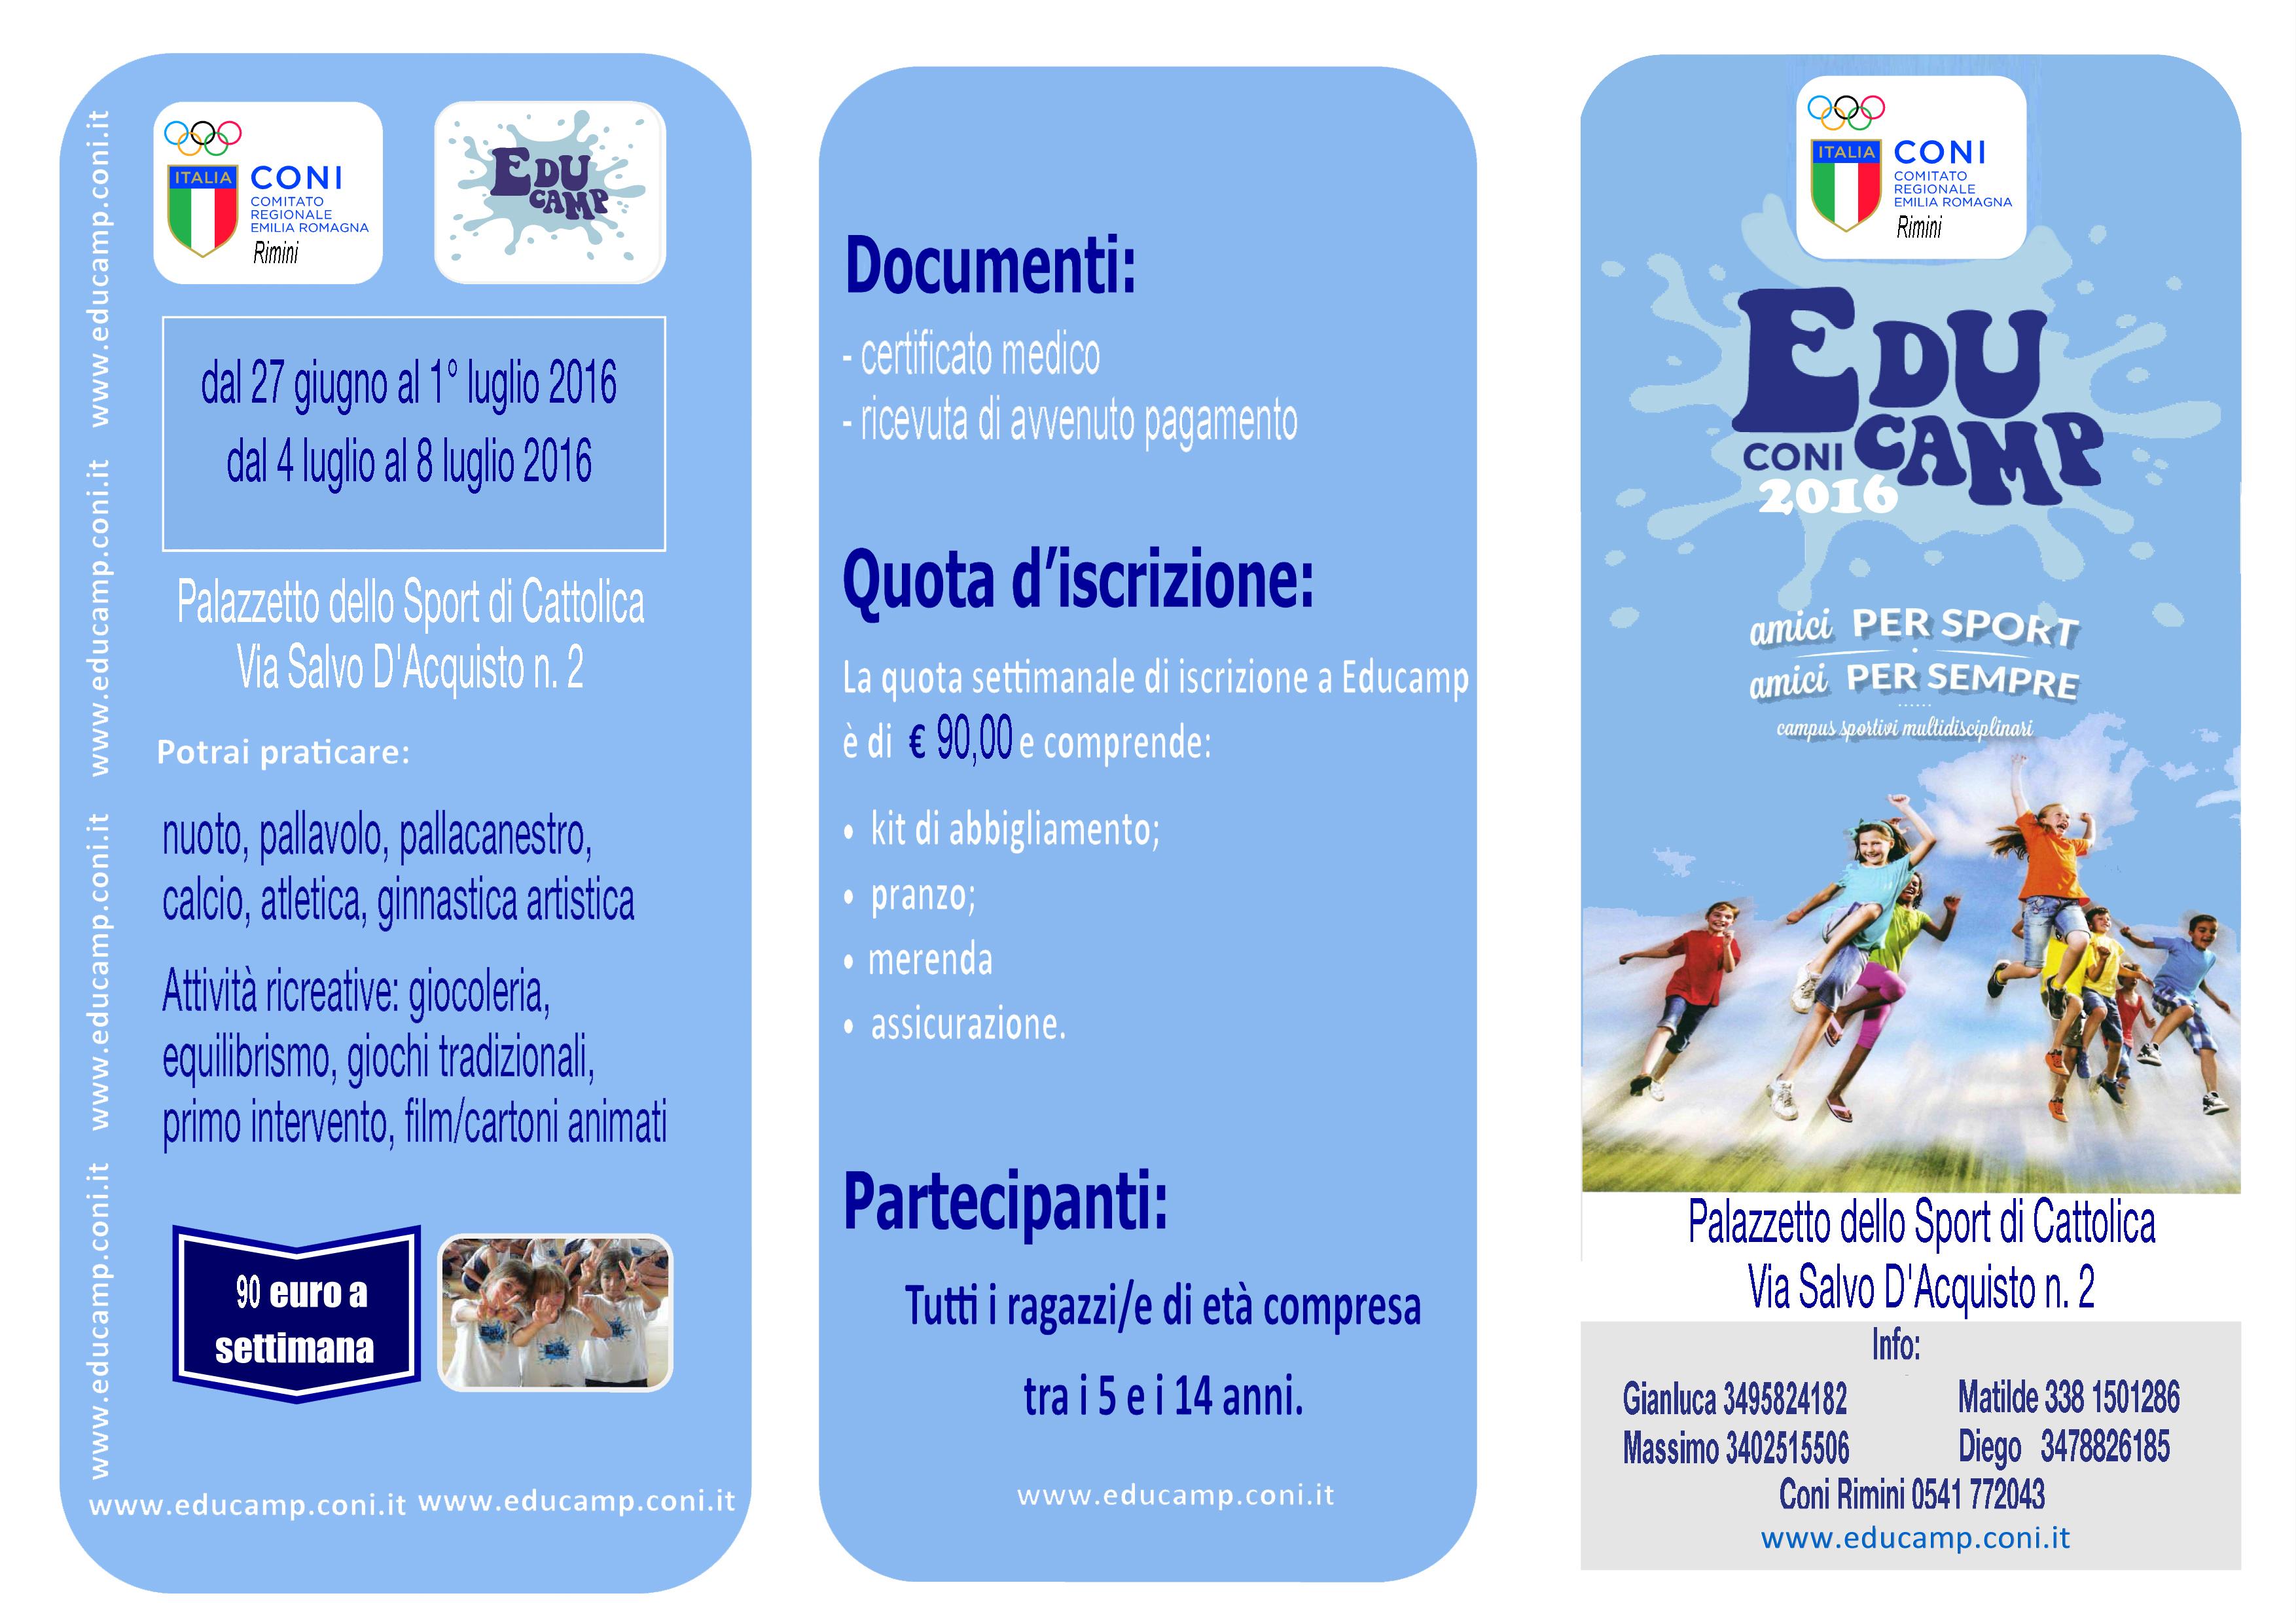 Educamp 16 Brochure 3 parti prova